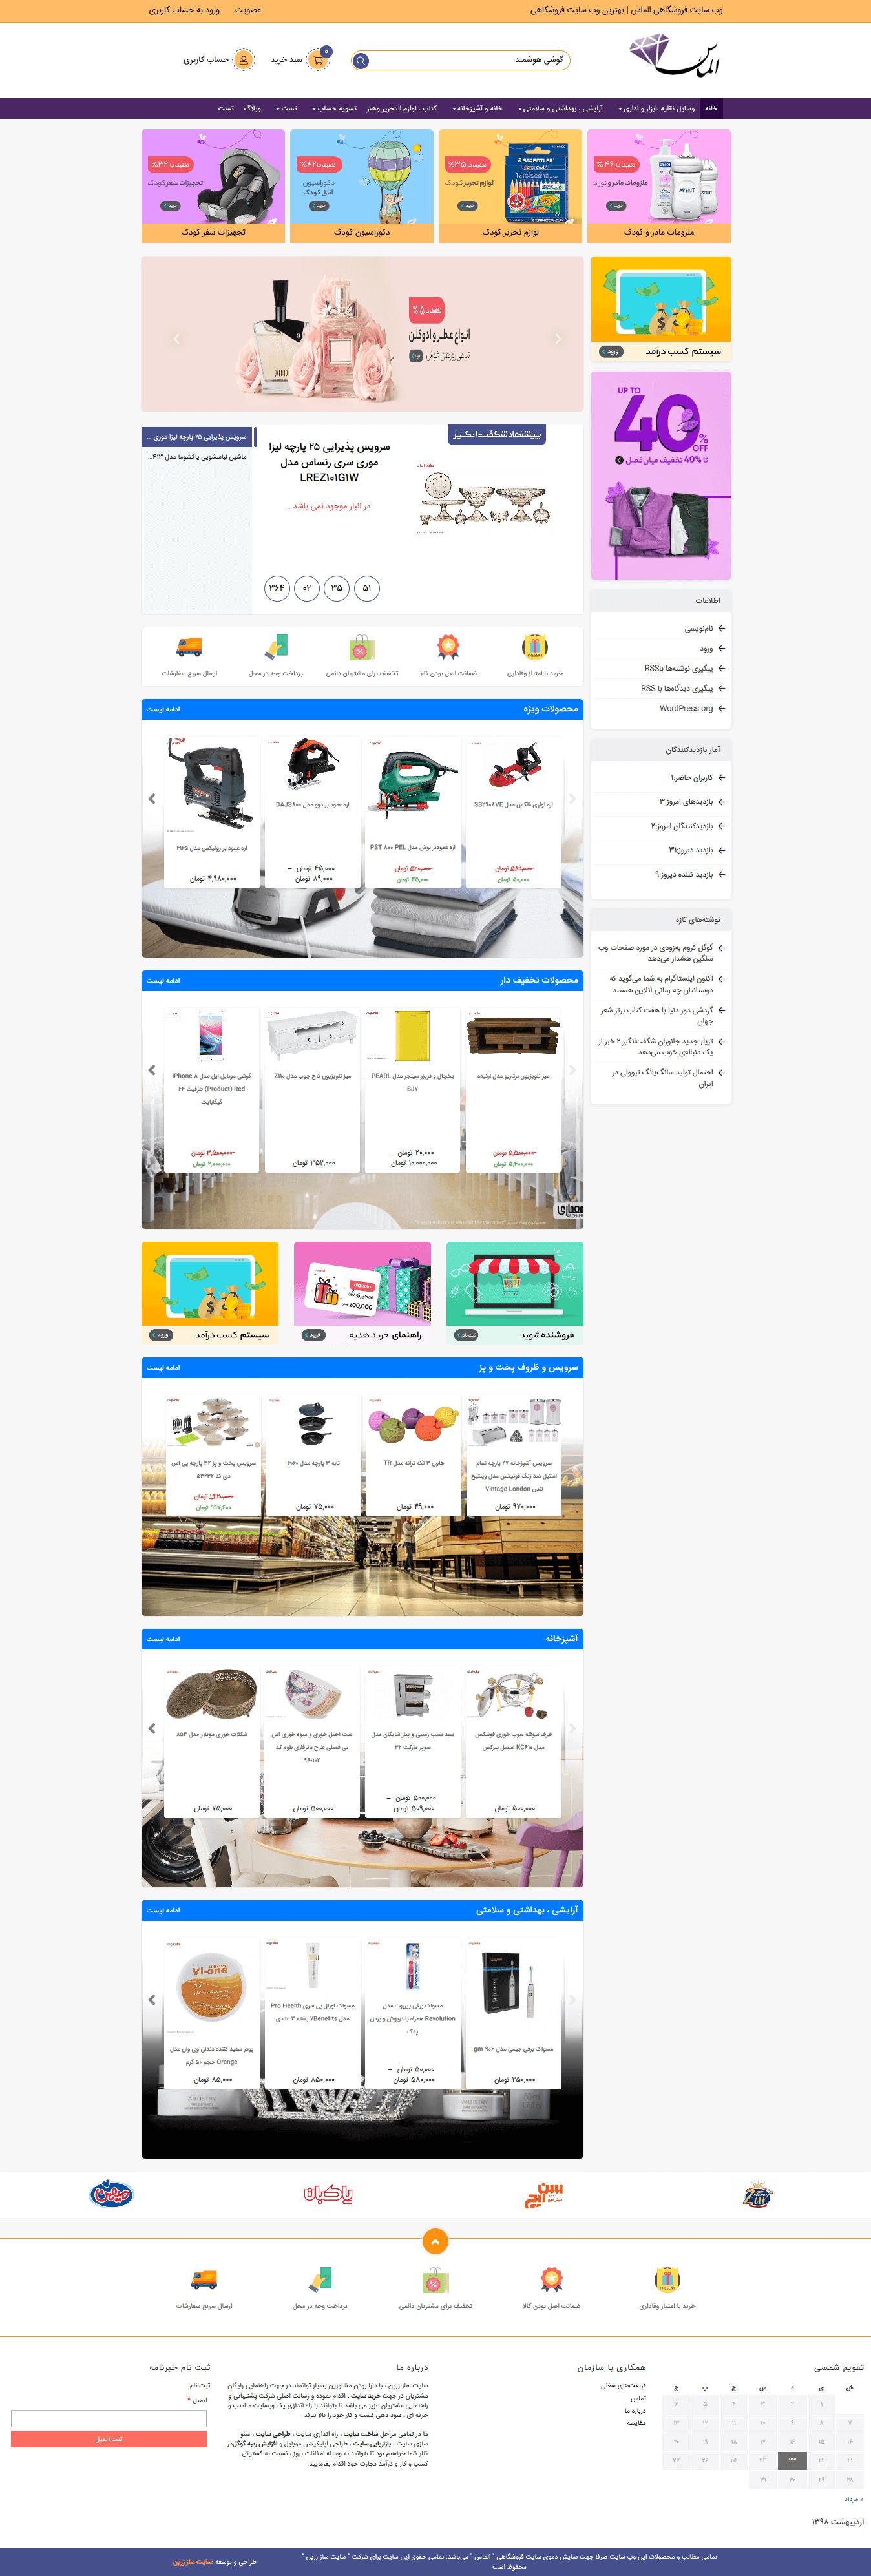 وب سایت فروشگاهی الماس